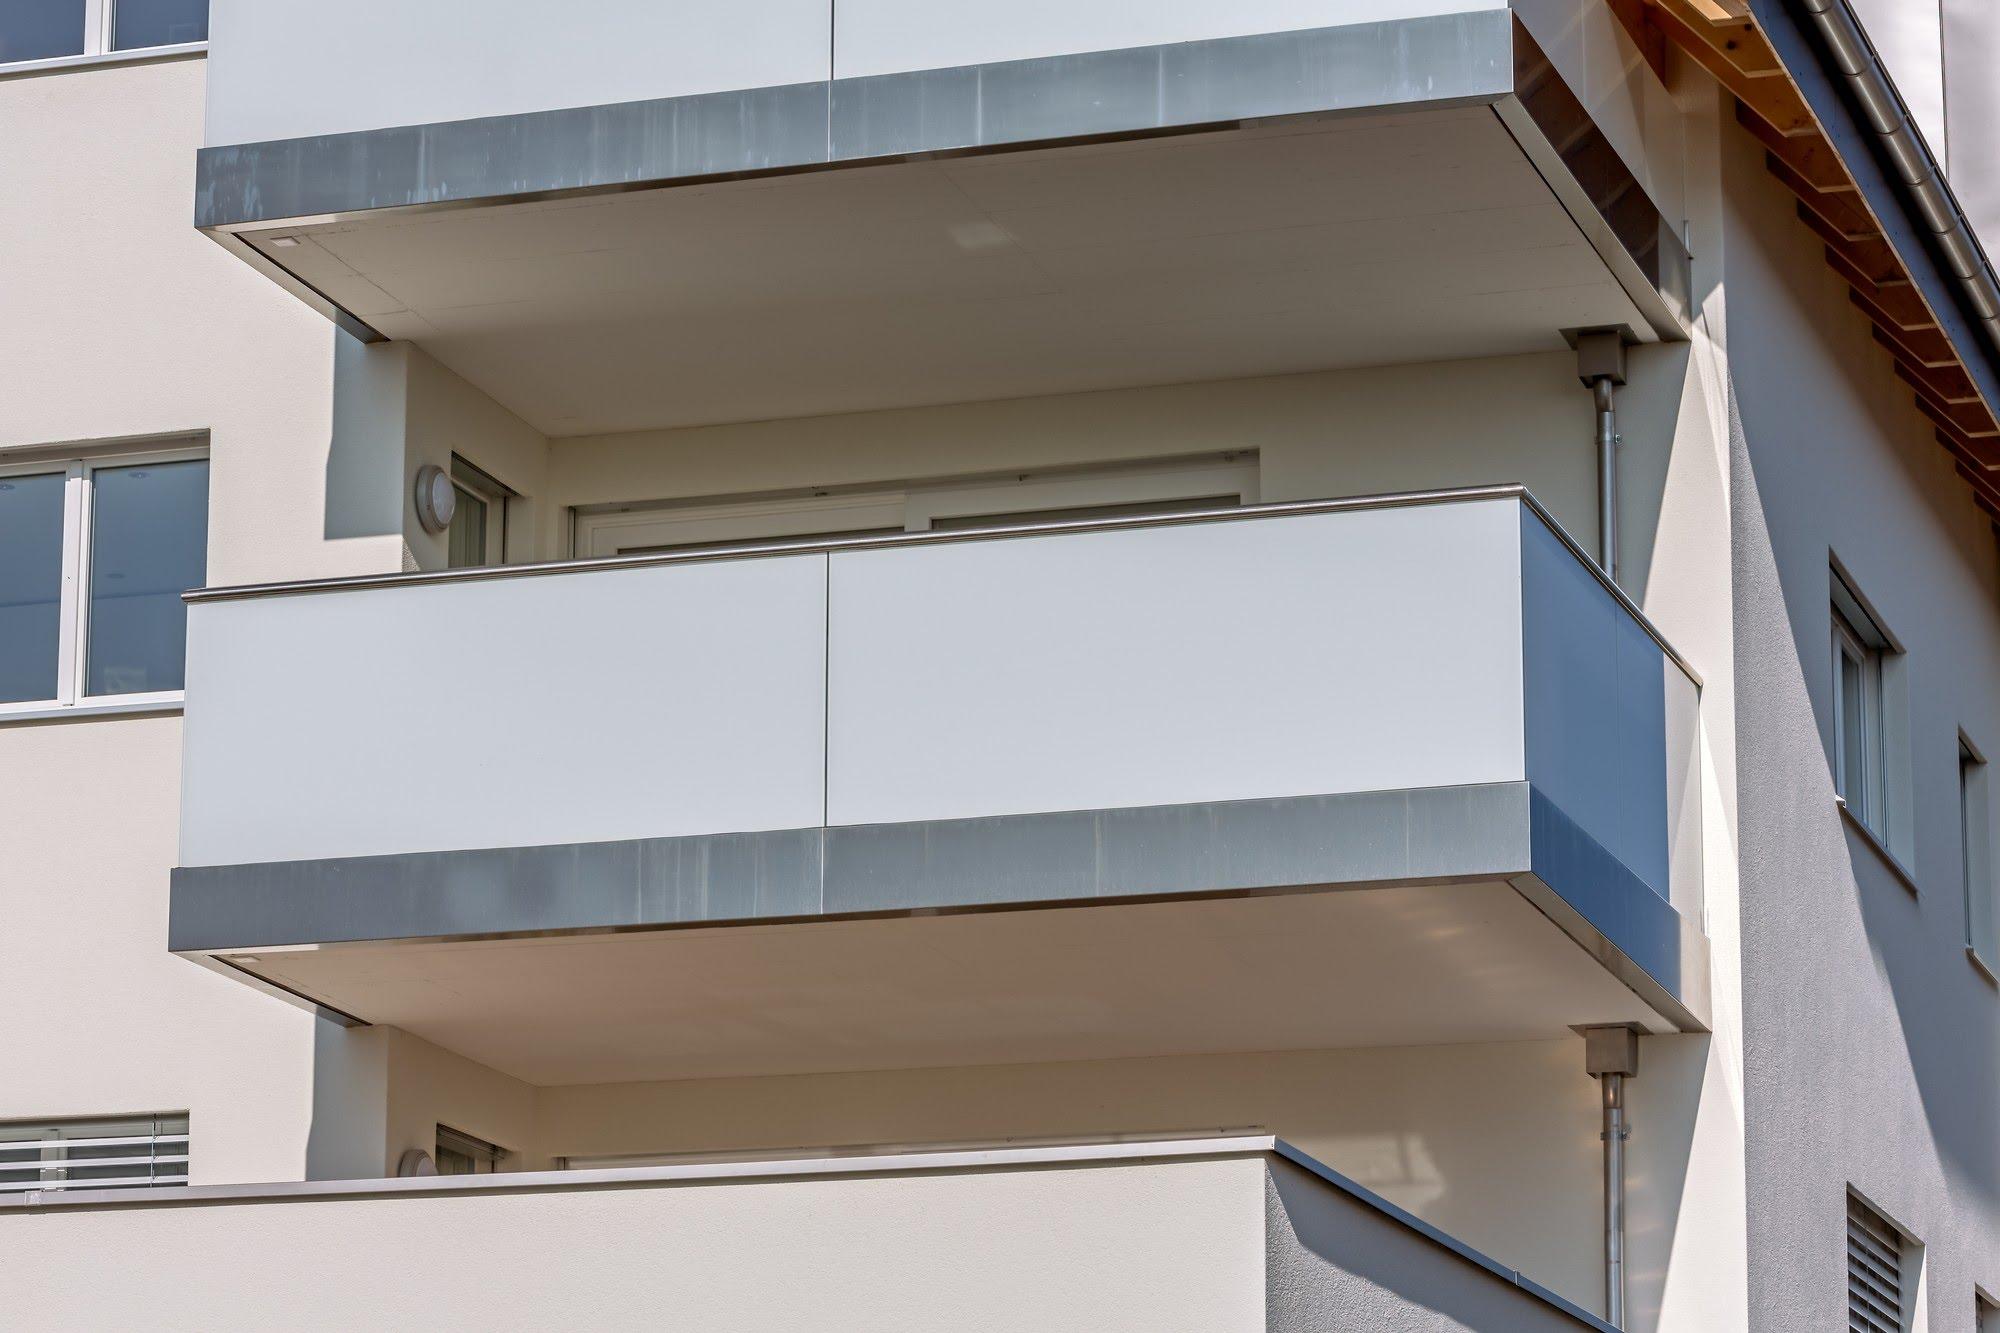 Wohnungsbau,Wohnungsbau,Aussenwärmedämmung,Gipserarbeiten 3-Familienhaus